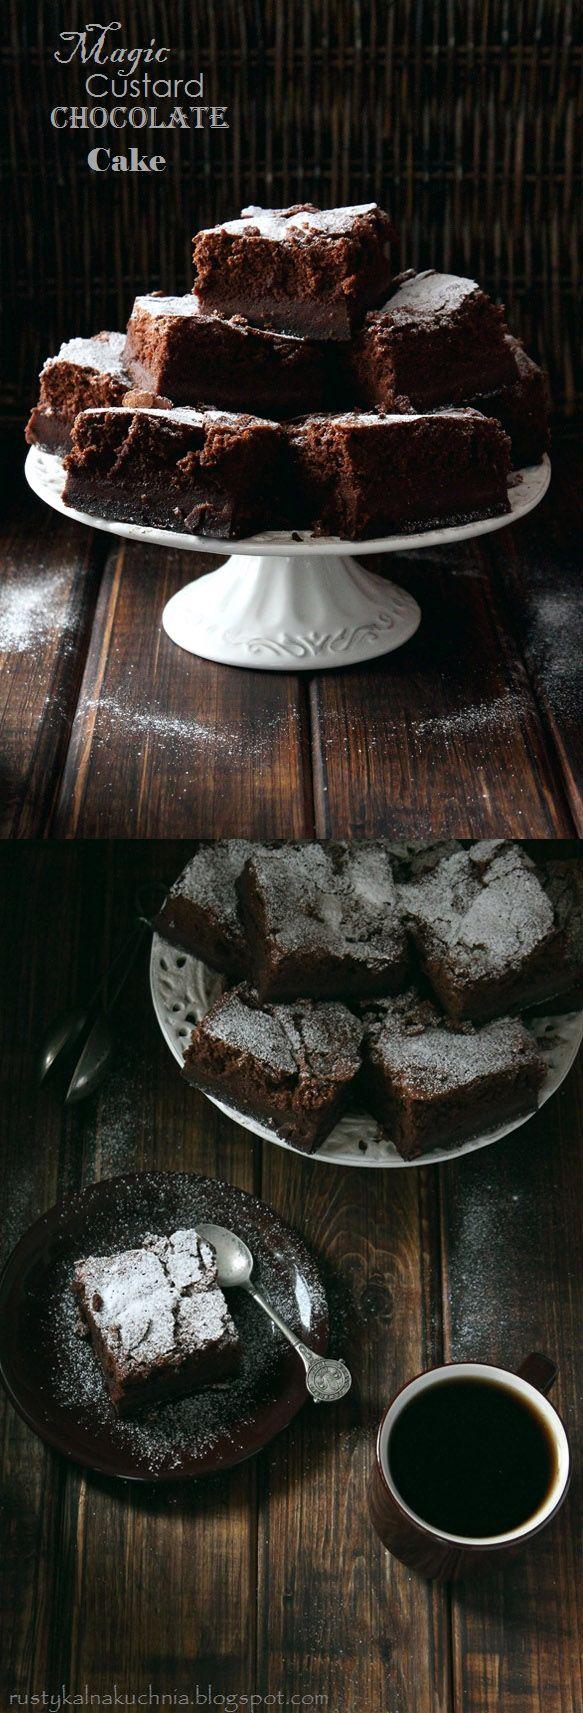 Pecados de Reposteria Pastel mágico de chocolate - Pecados de Reposteria